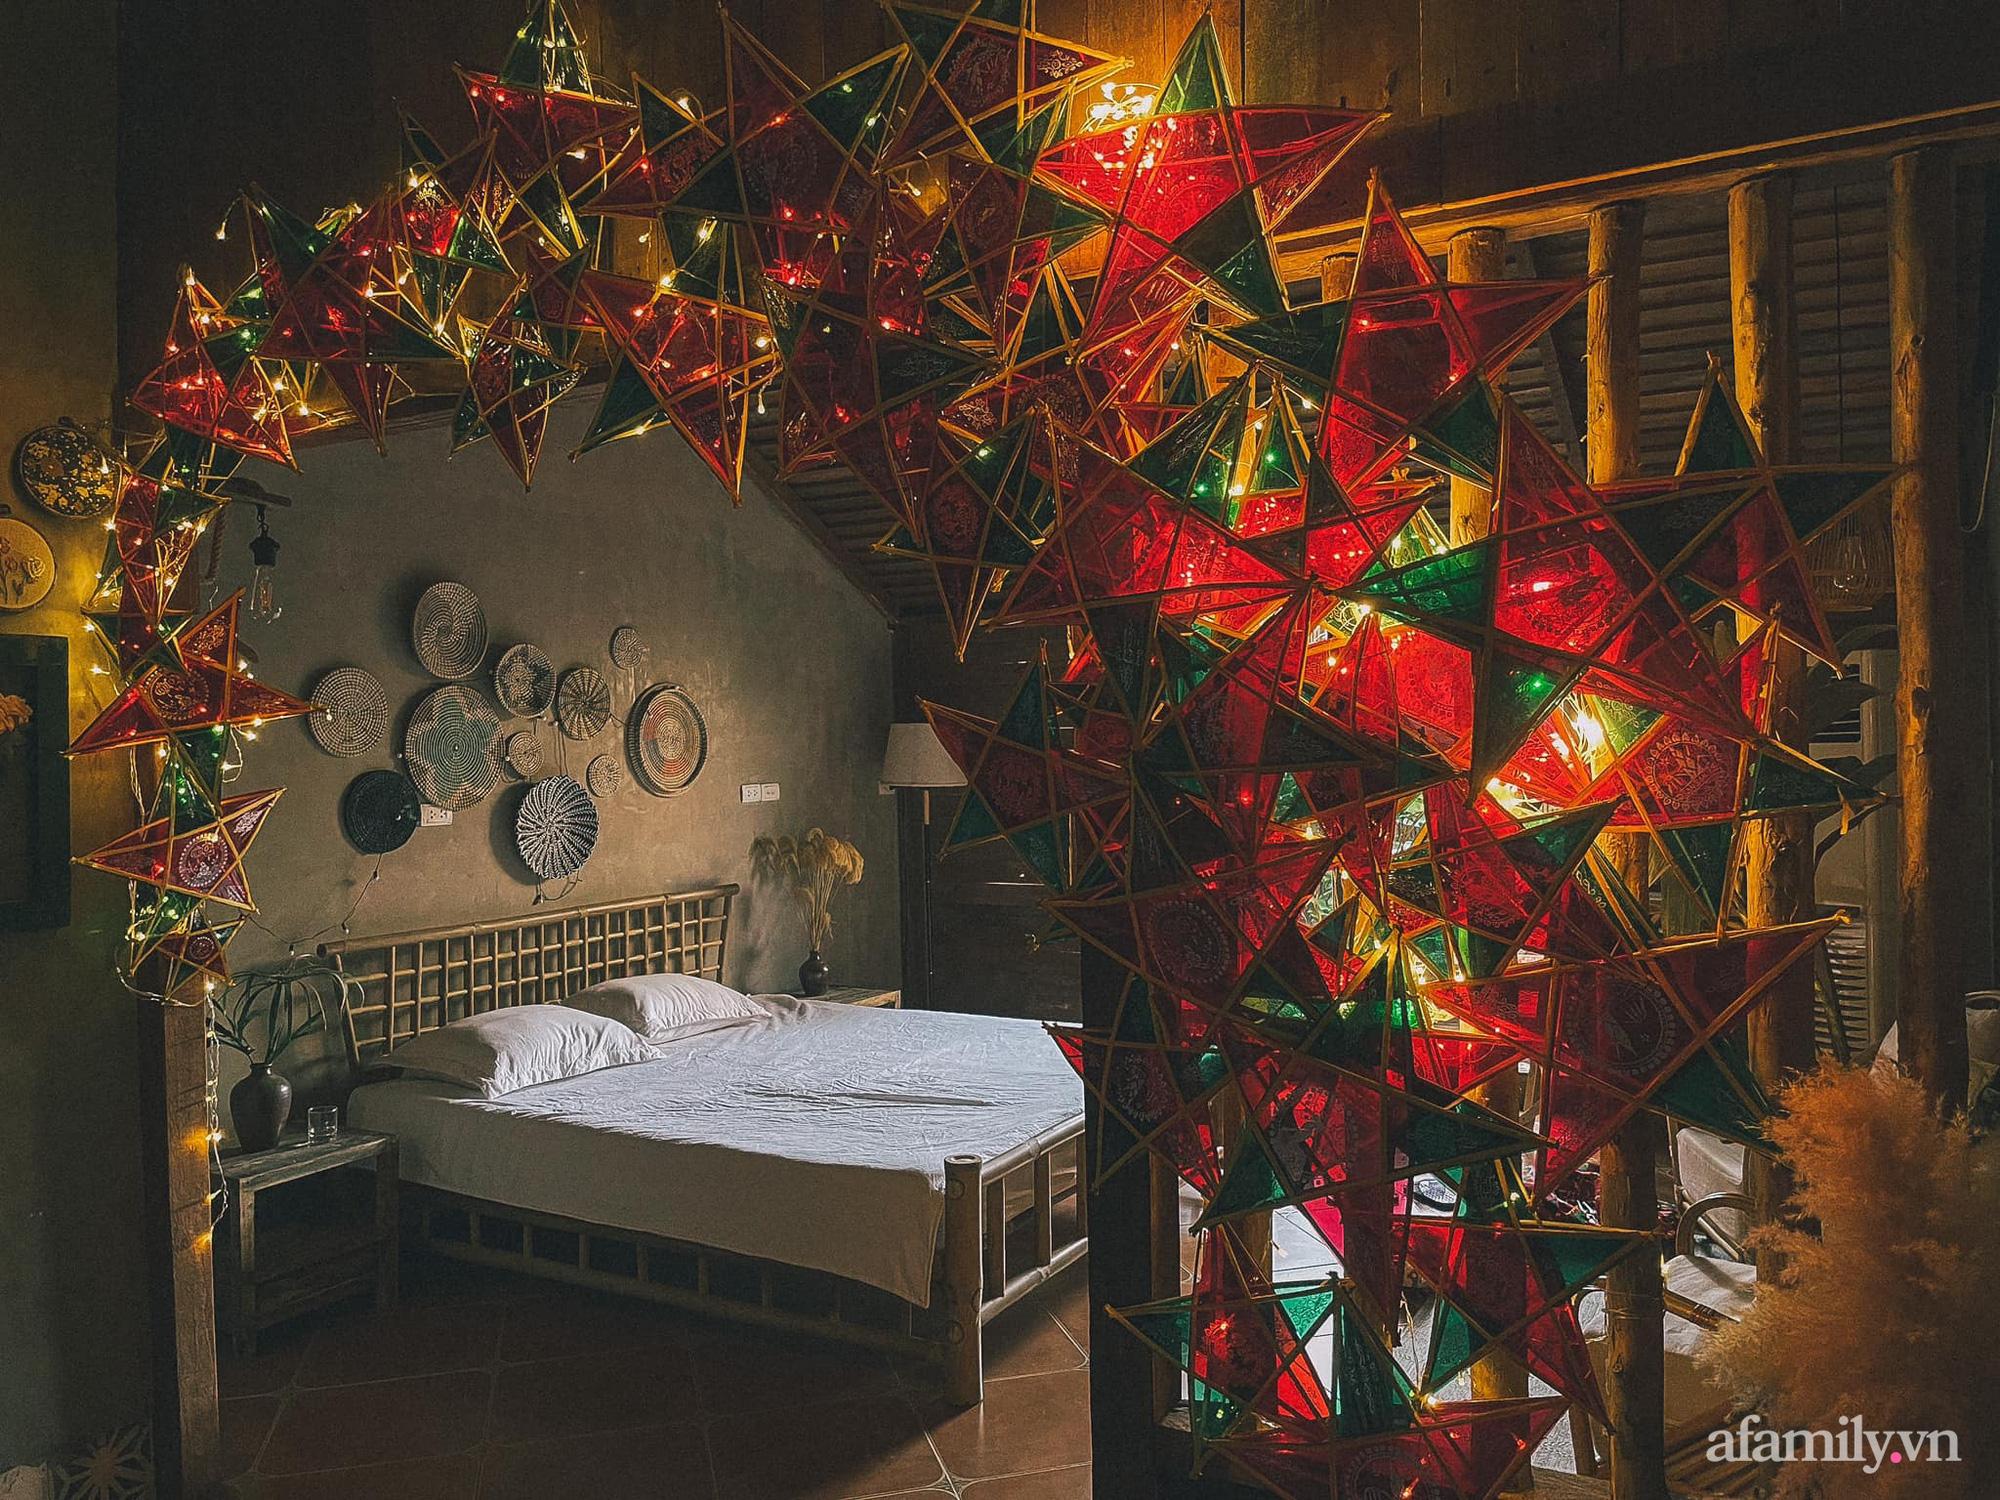 Phòng ngủ lung linh rực rỡ sắc màu Trung thu nhờ bàn tay khéo decor của cô gái Hà Nội - Ảnh 1.